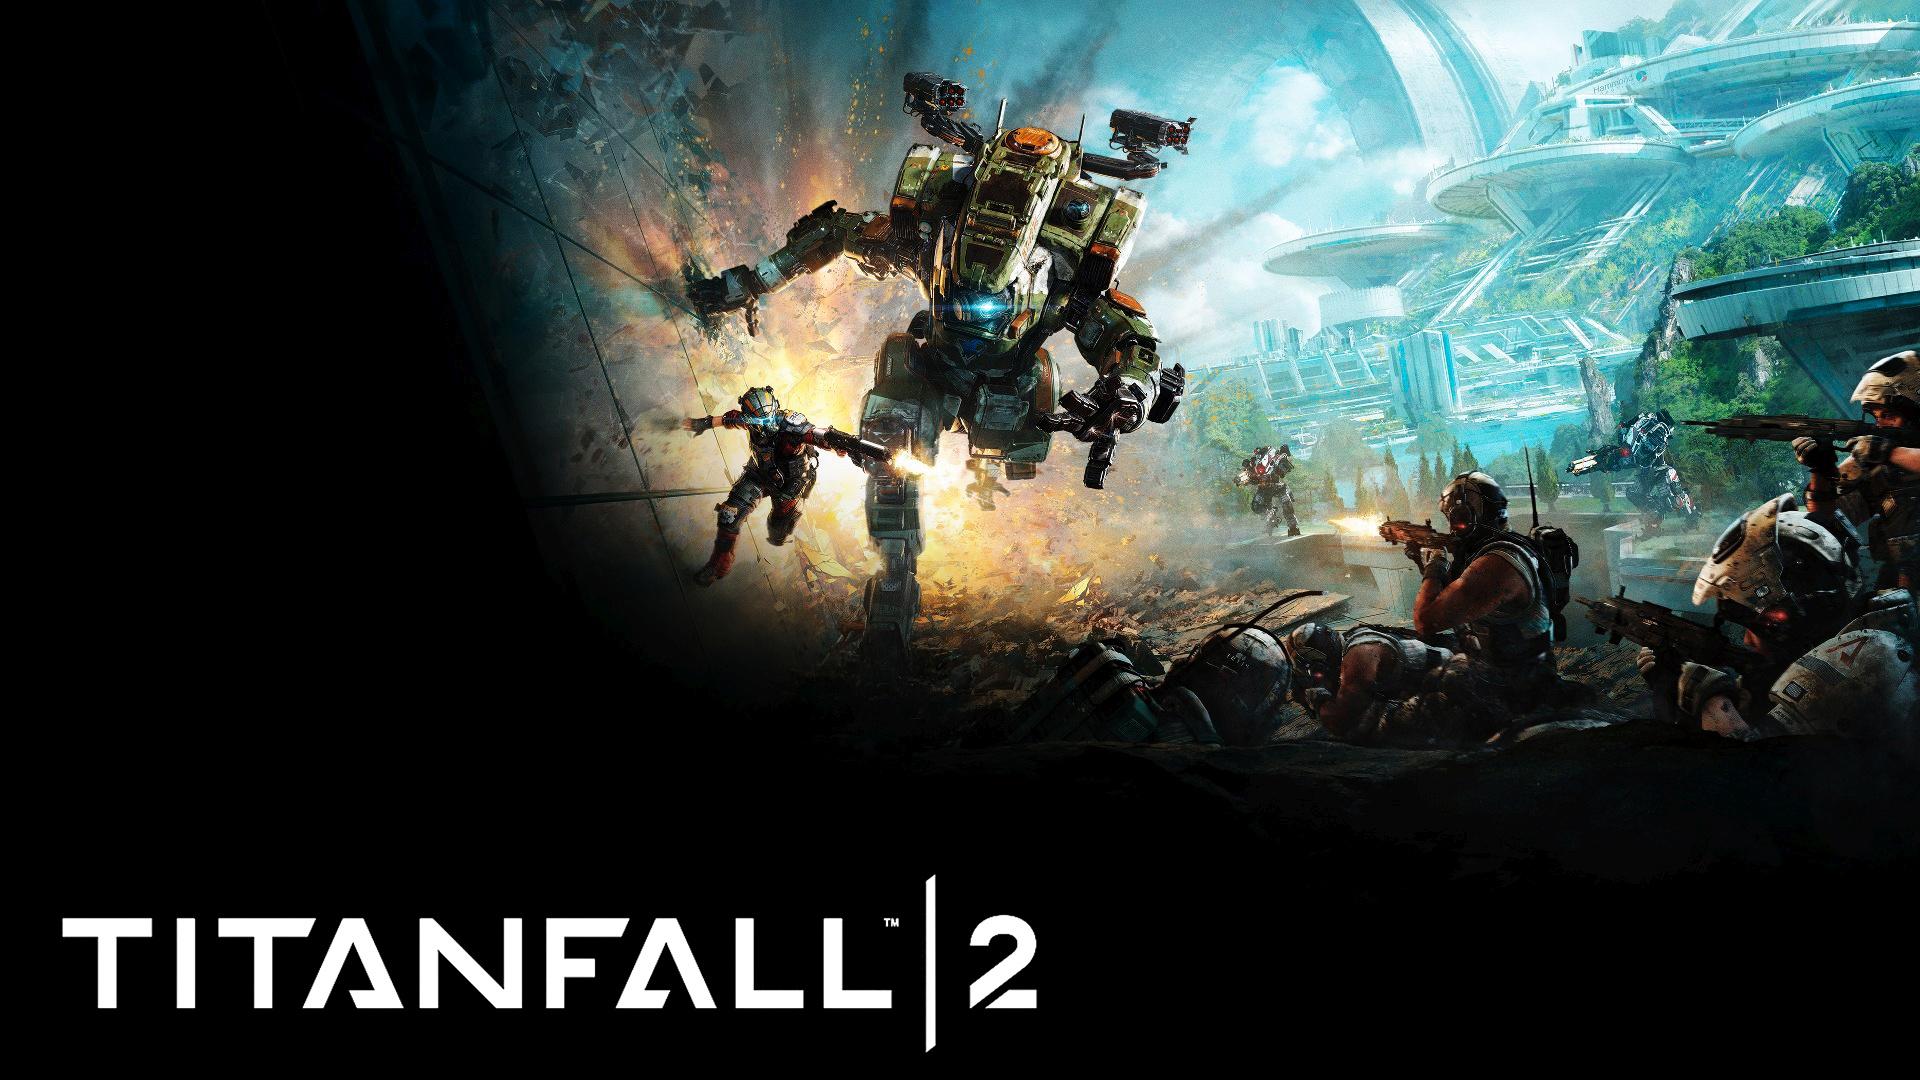 Titanfall 2 free image